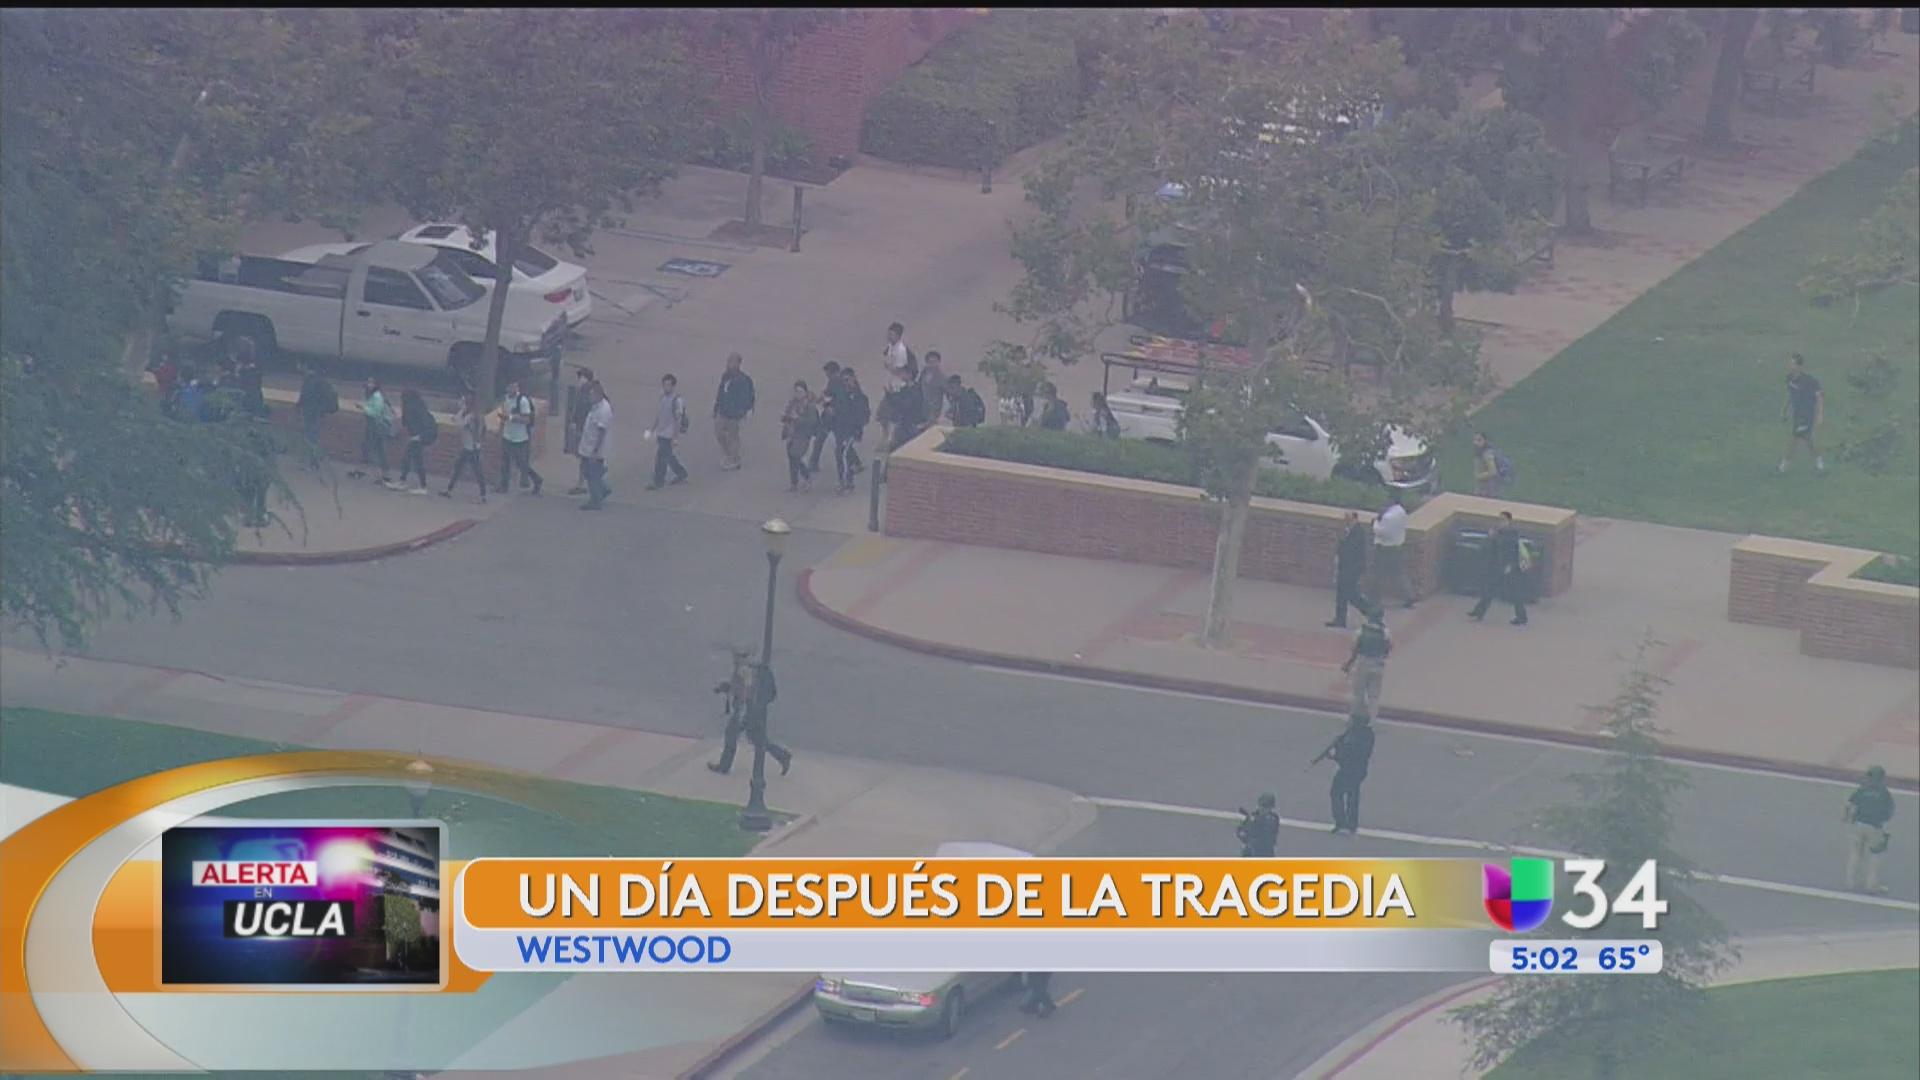 UCLA reanuda clases un día después de la tragedia - Univision 34 Los ...